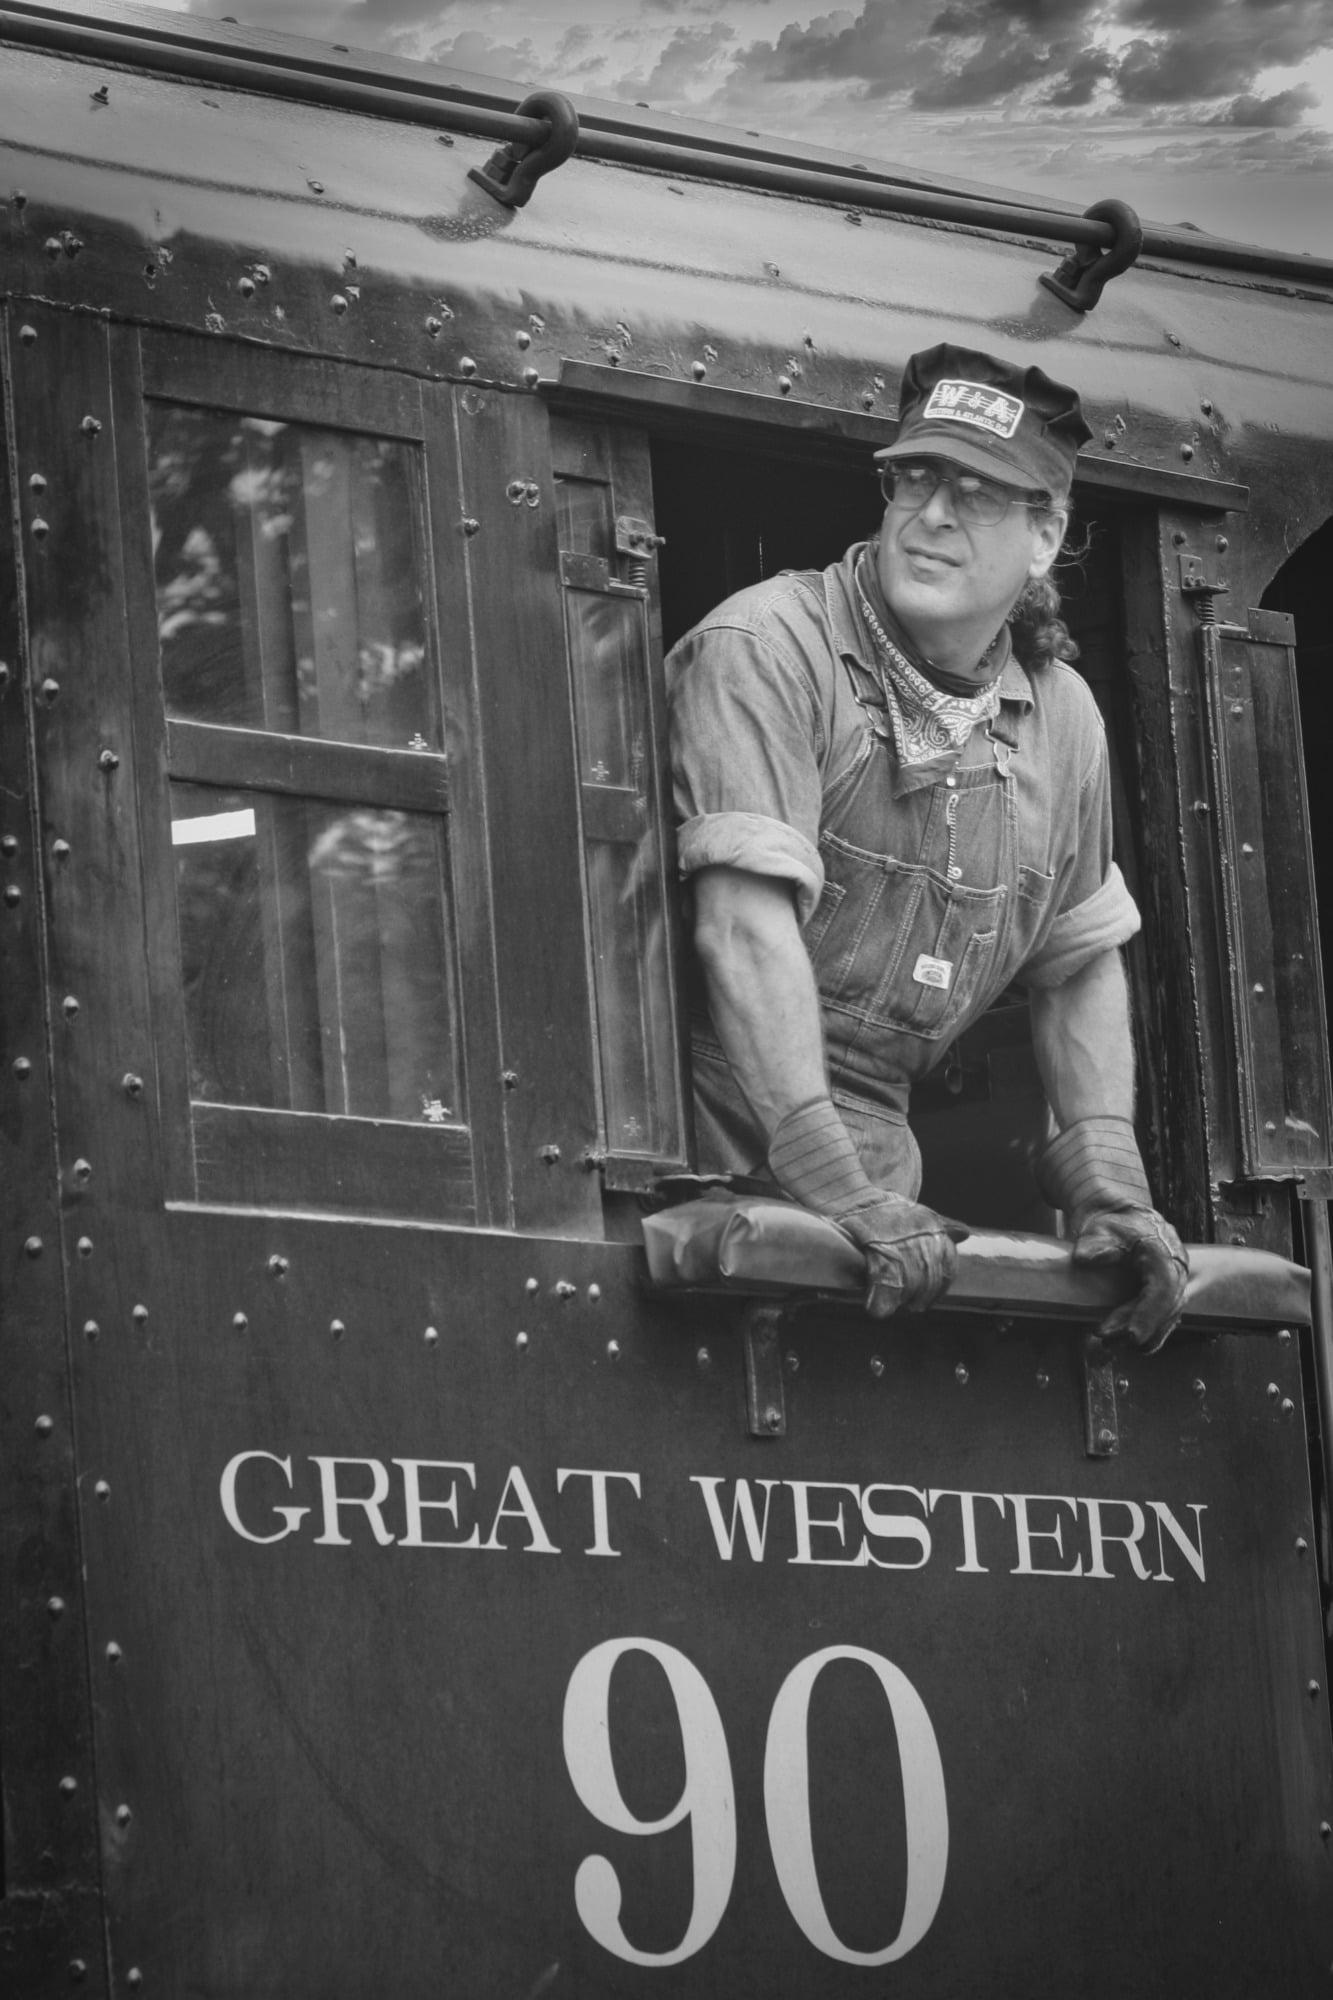 Great Western 90